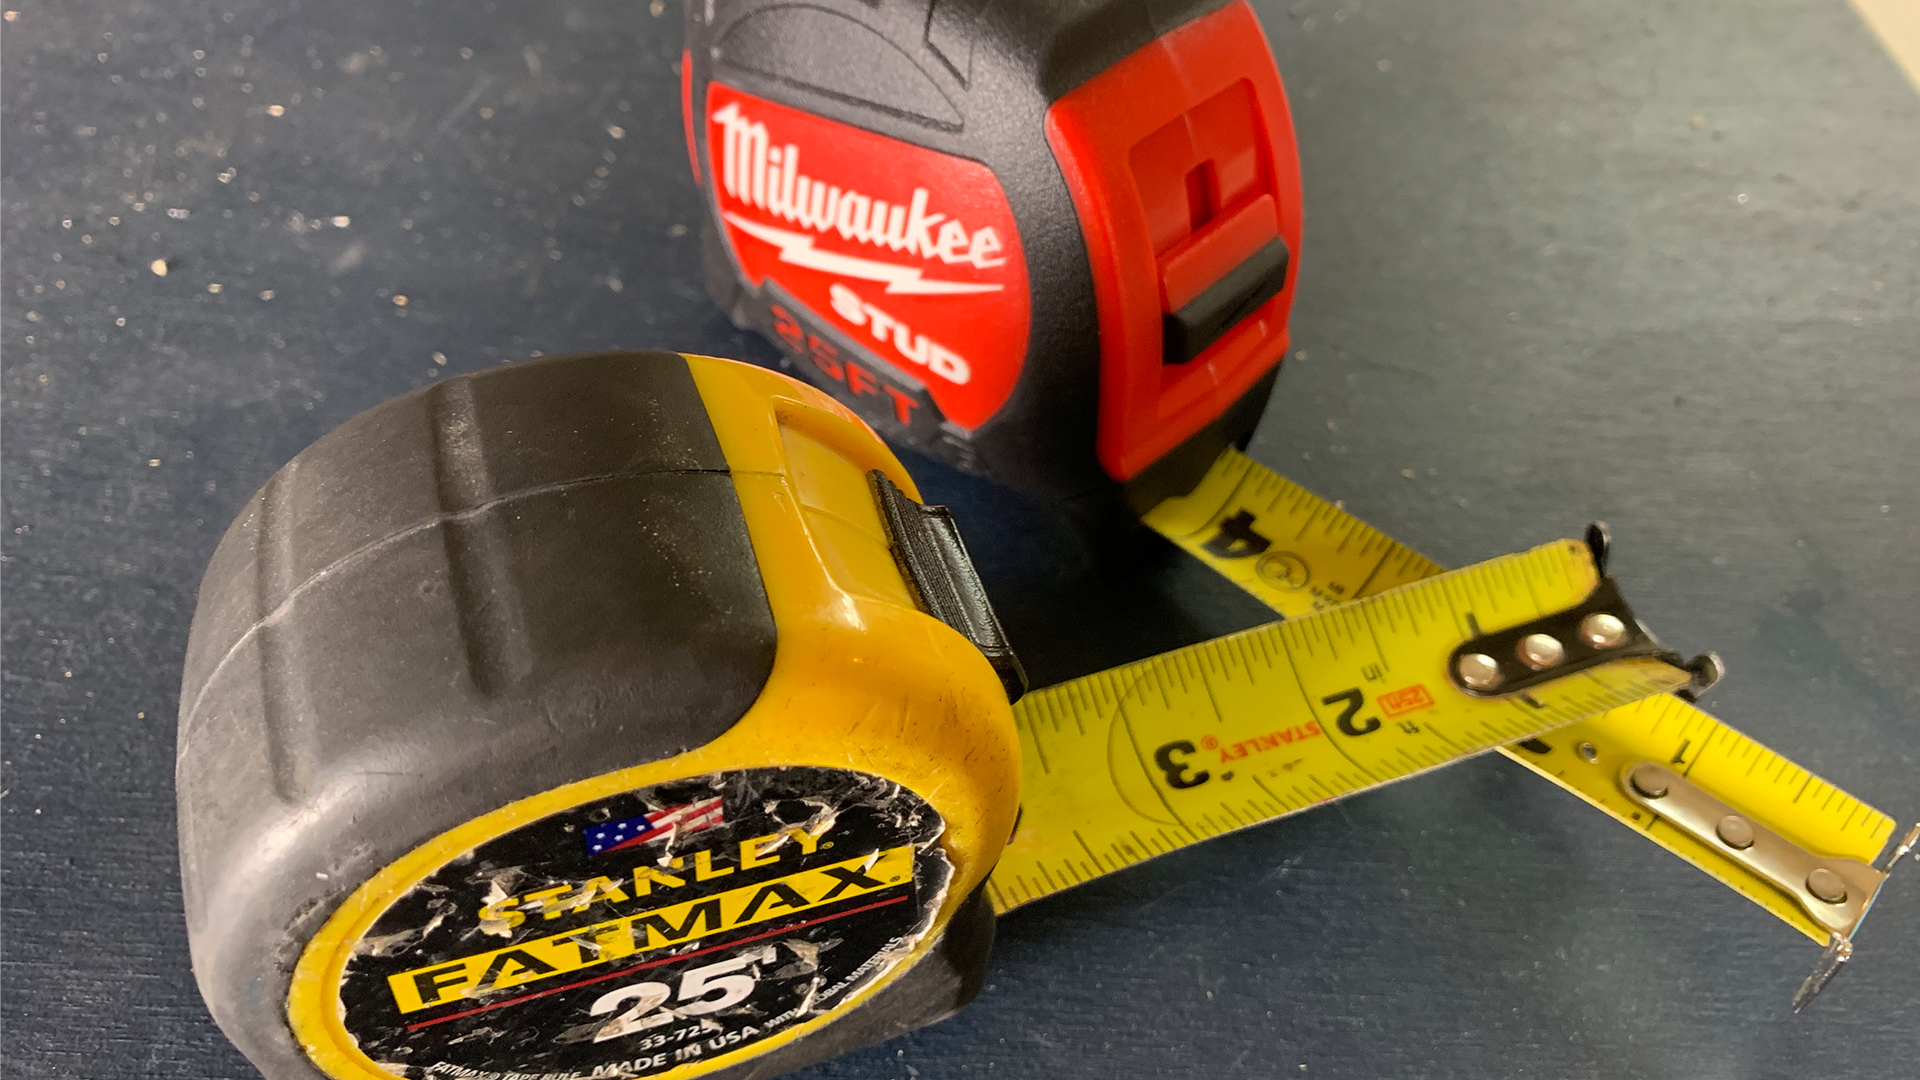 stanley-fatmax-vs-milwaukee-stud-best-tapemeasure